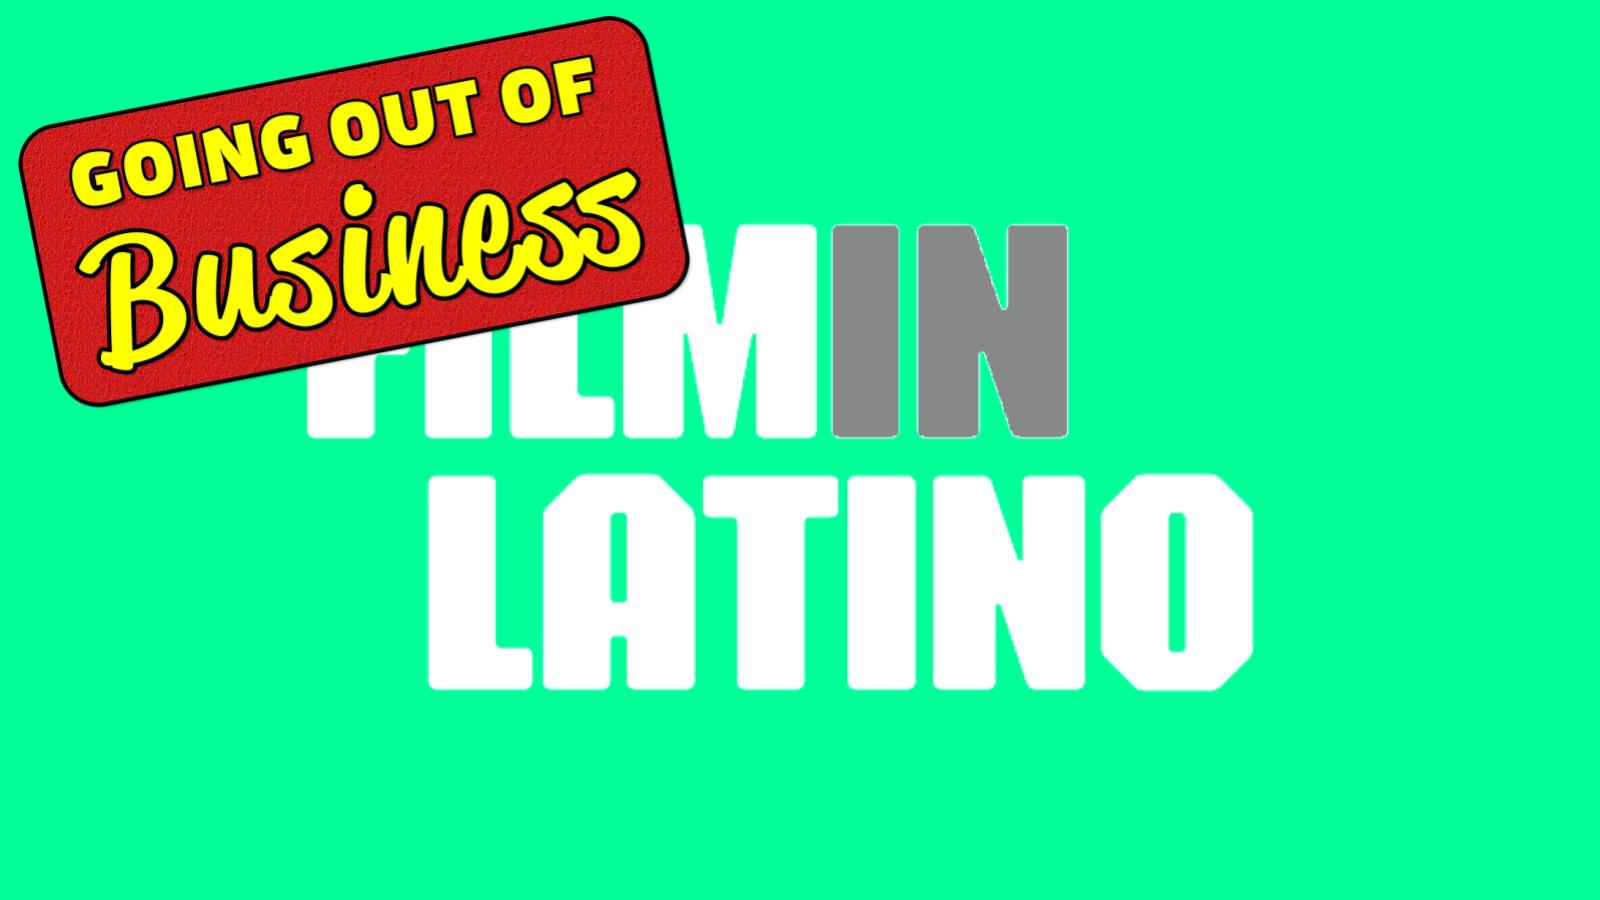 Plataforma FilminLatino cerrará, anuncian cambios en Cultura